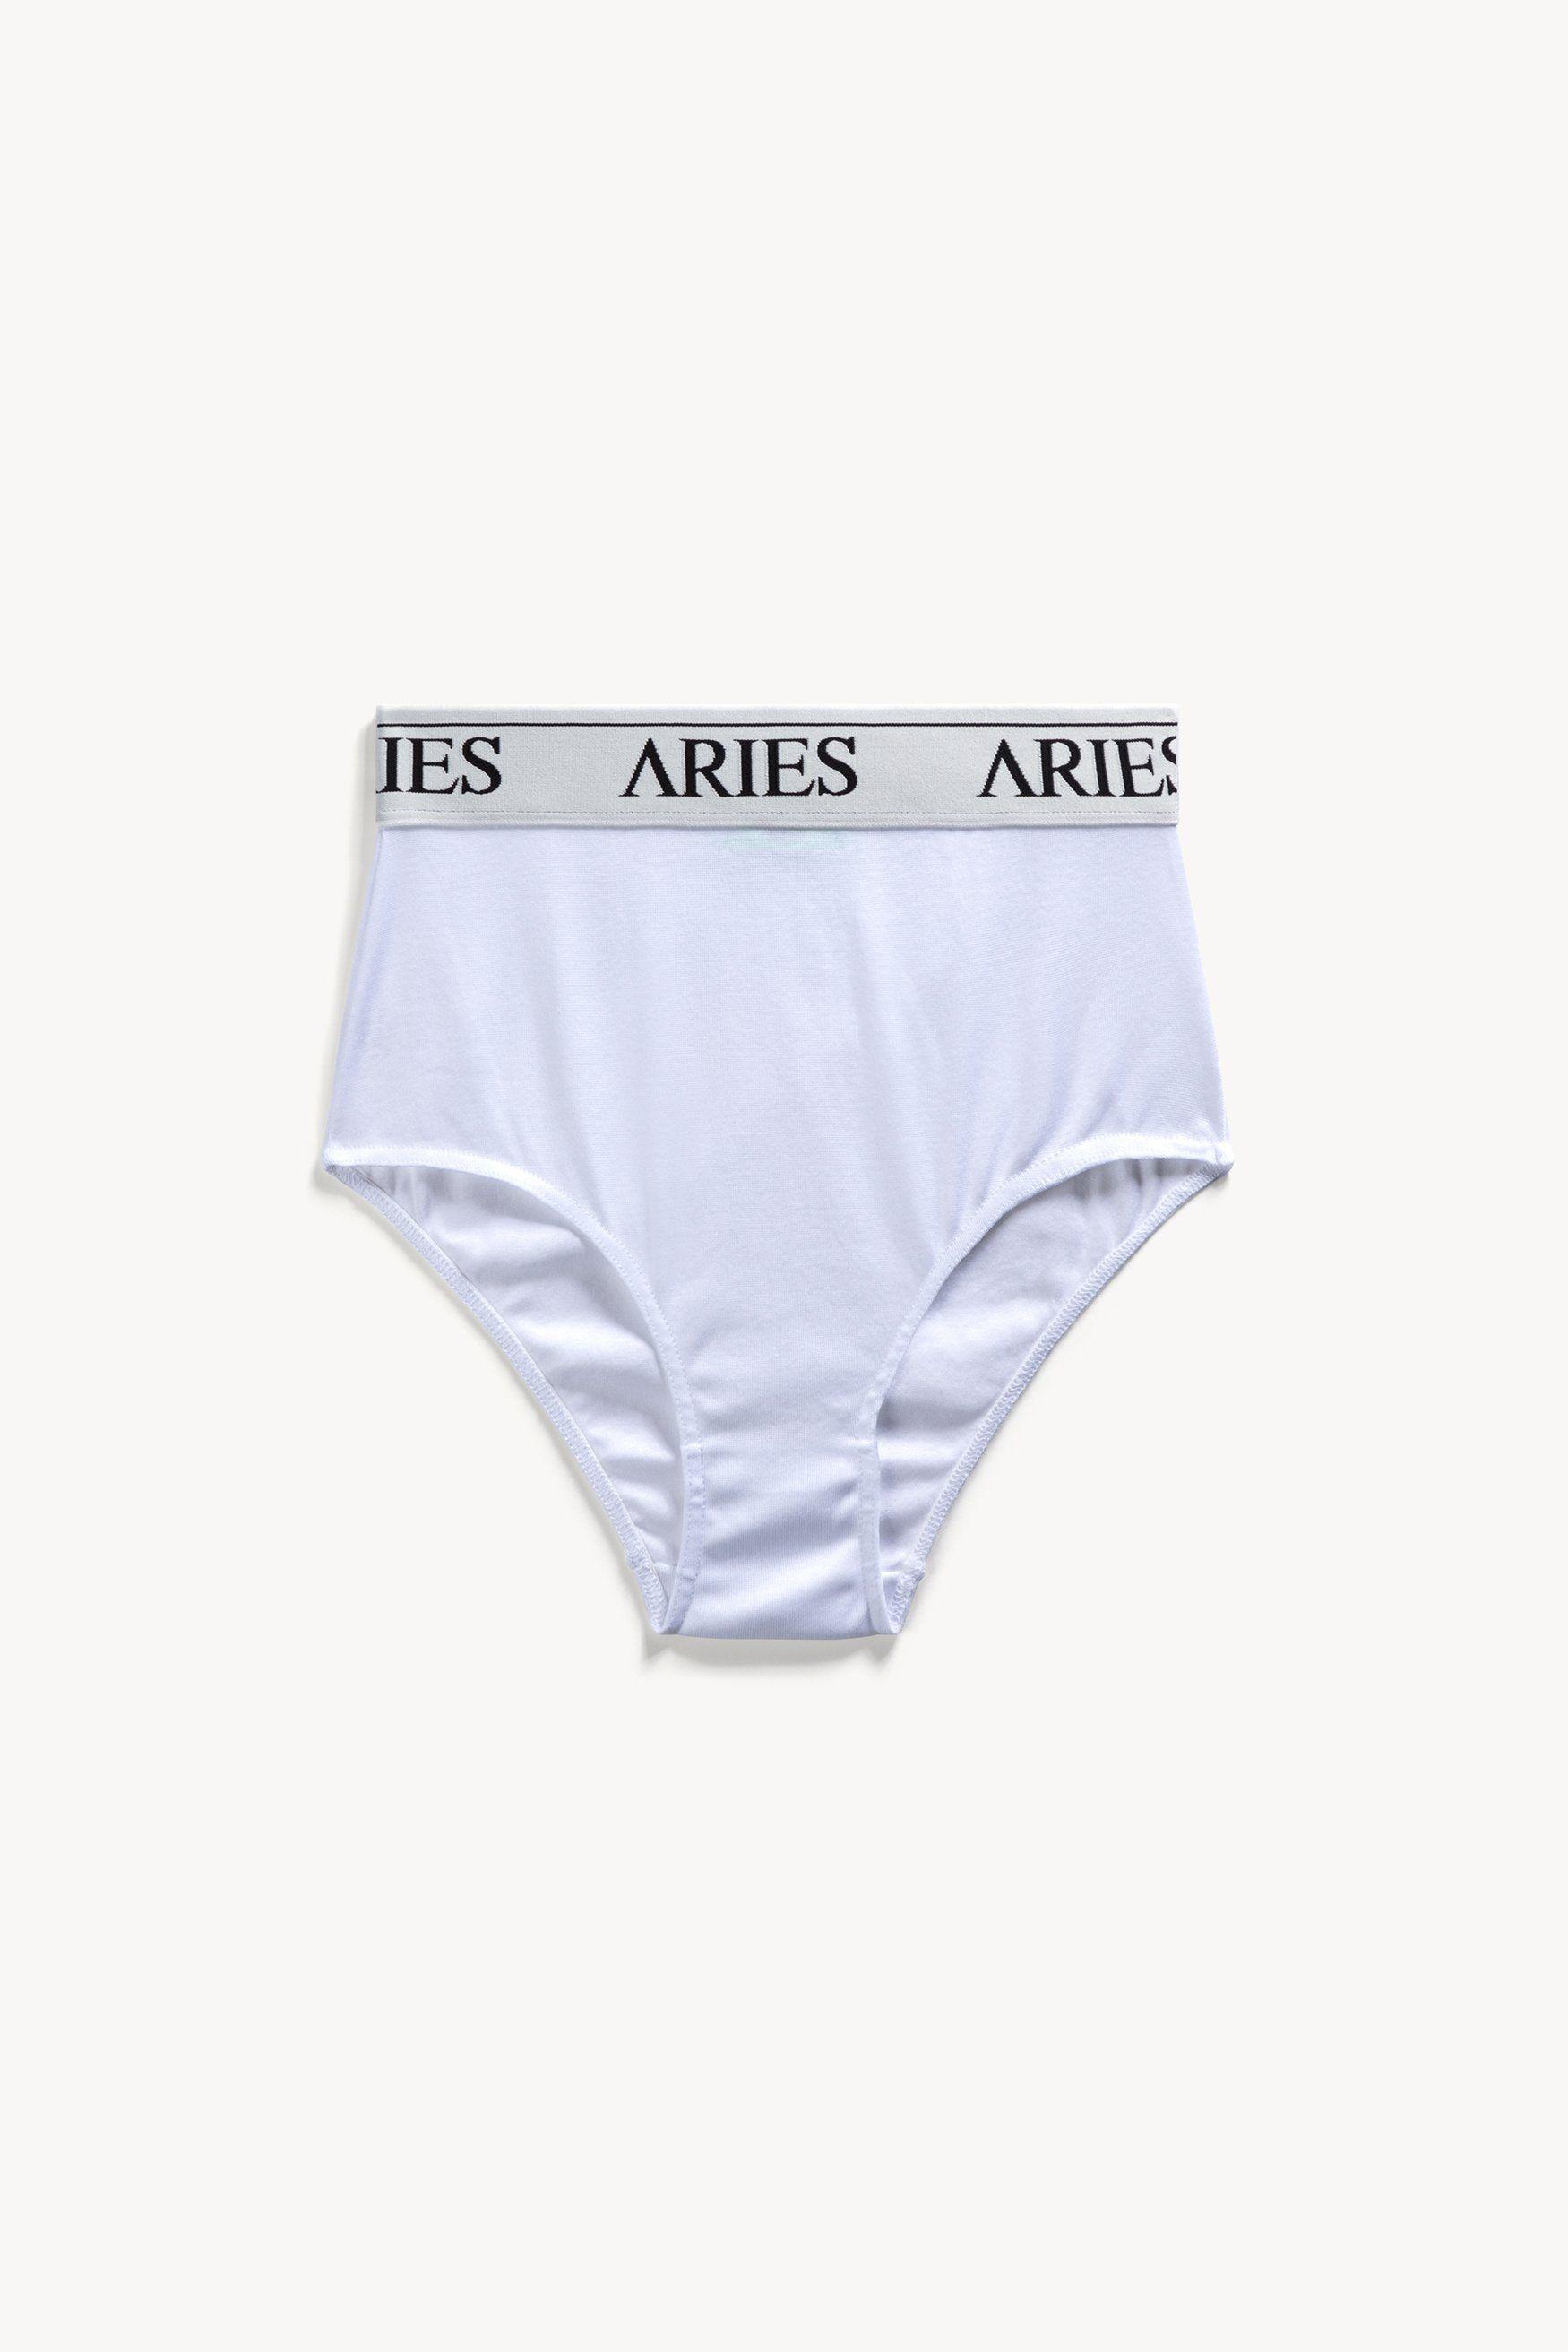 High Waist Cotton Briefs – Aries